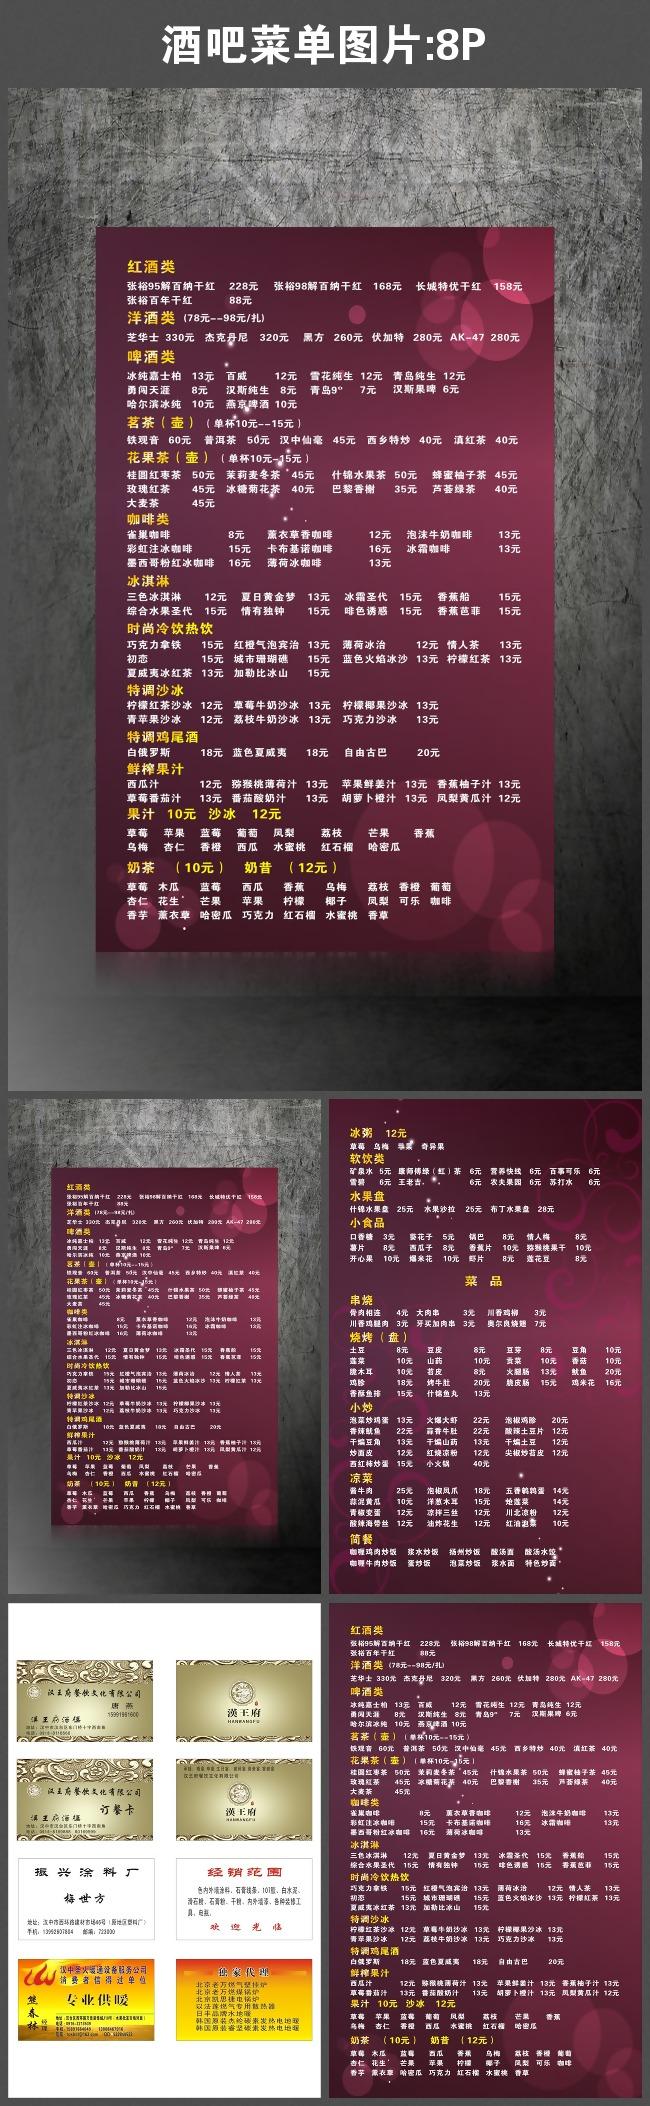 我图网提供精品流行酒吧菜单图片素材下载,作品模板源文件可以编辑替换,设计作品简介: 酒吧菜单图片,模式:RGB格式高清大图,使用软件为软件: CorelDRAW (.CDR) 酒吧菜单矢量素材 酒吧菜单模板下载